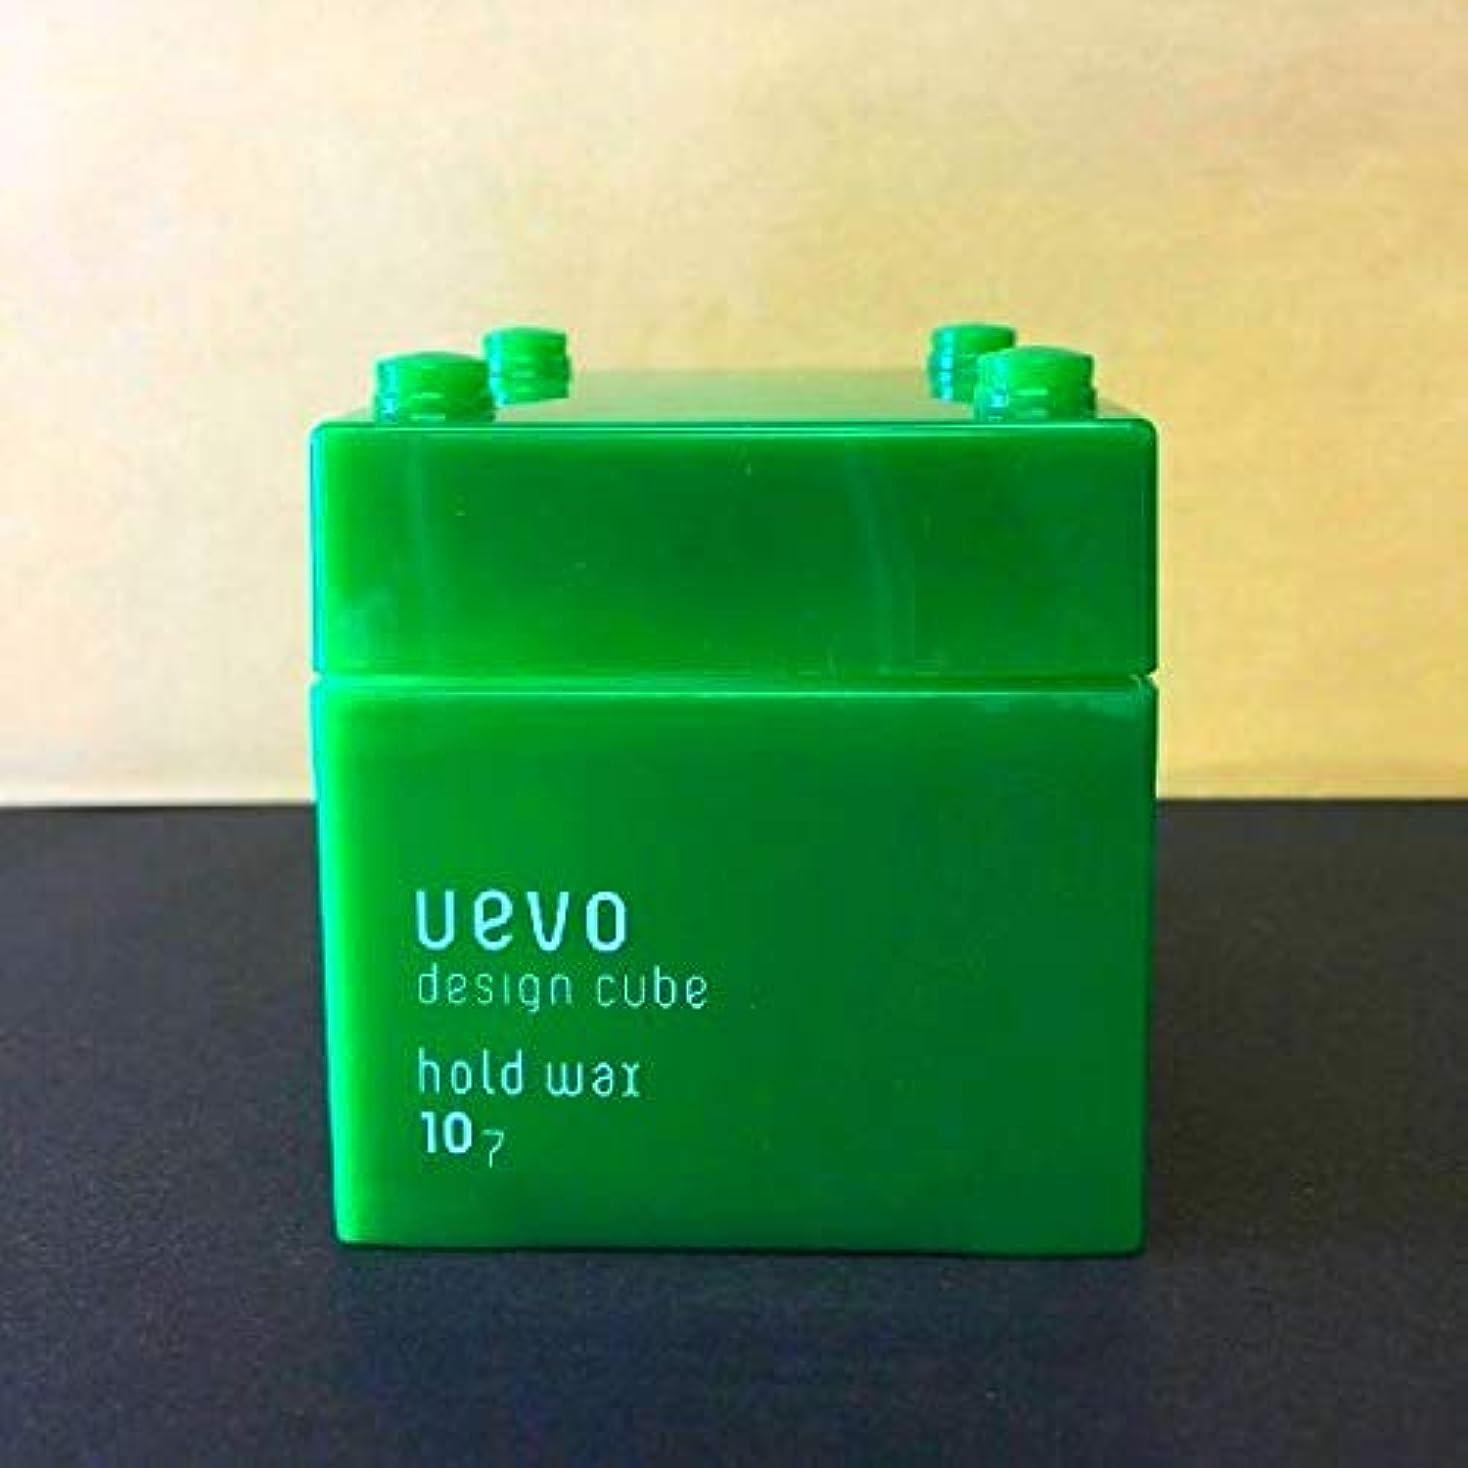 ジョイントスラダム上がる【X3個セット】 デミ ウェーボ デザインキューブ ホールドワックス 80g hold wax DEMI uevo design cube